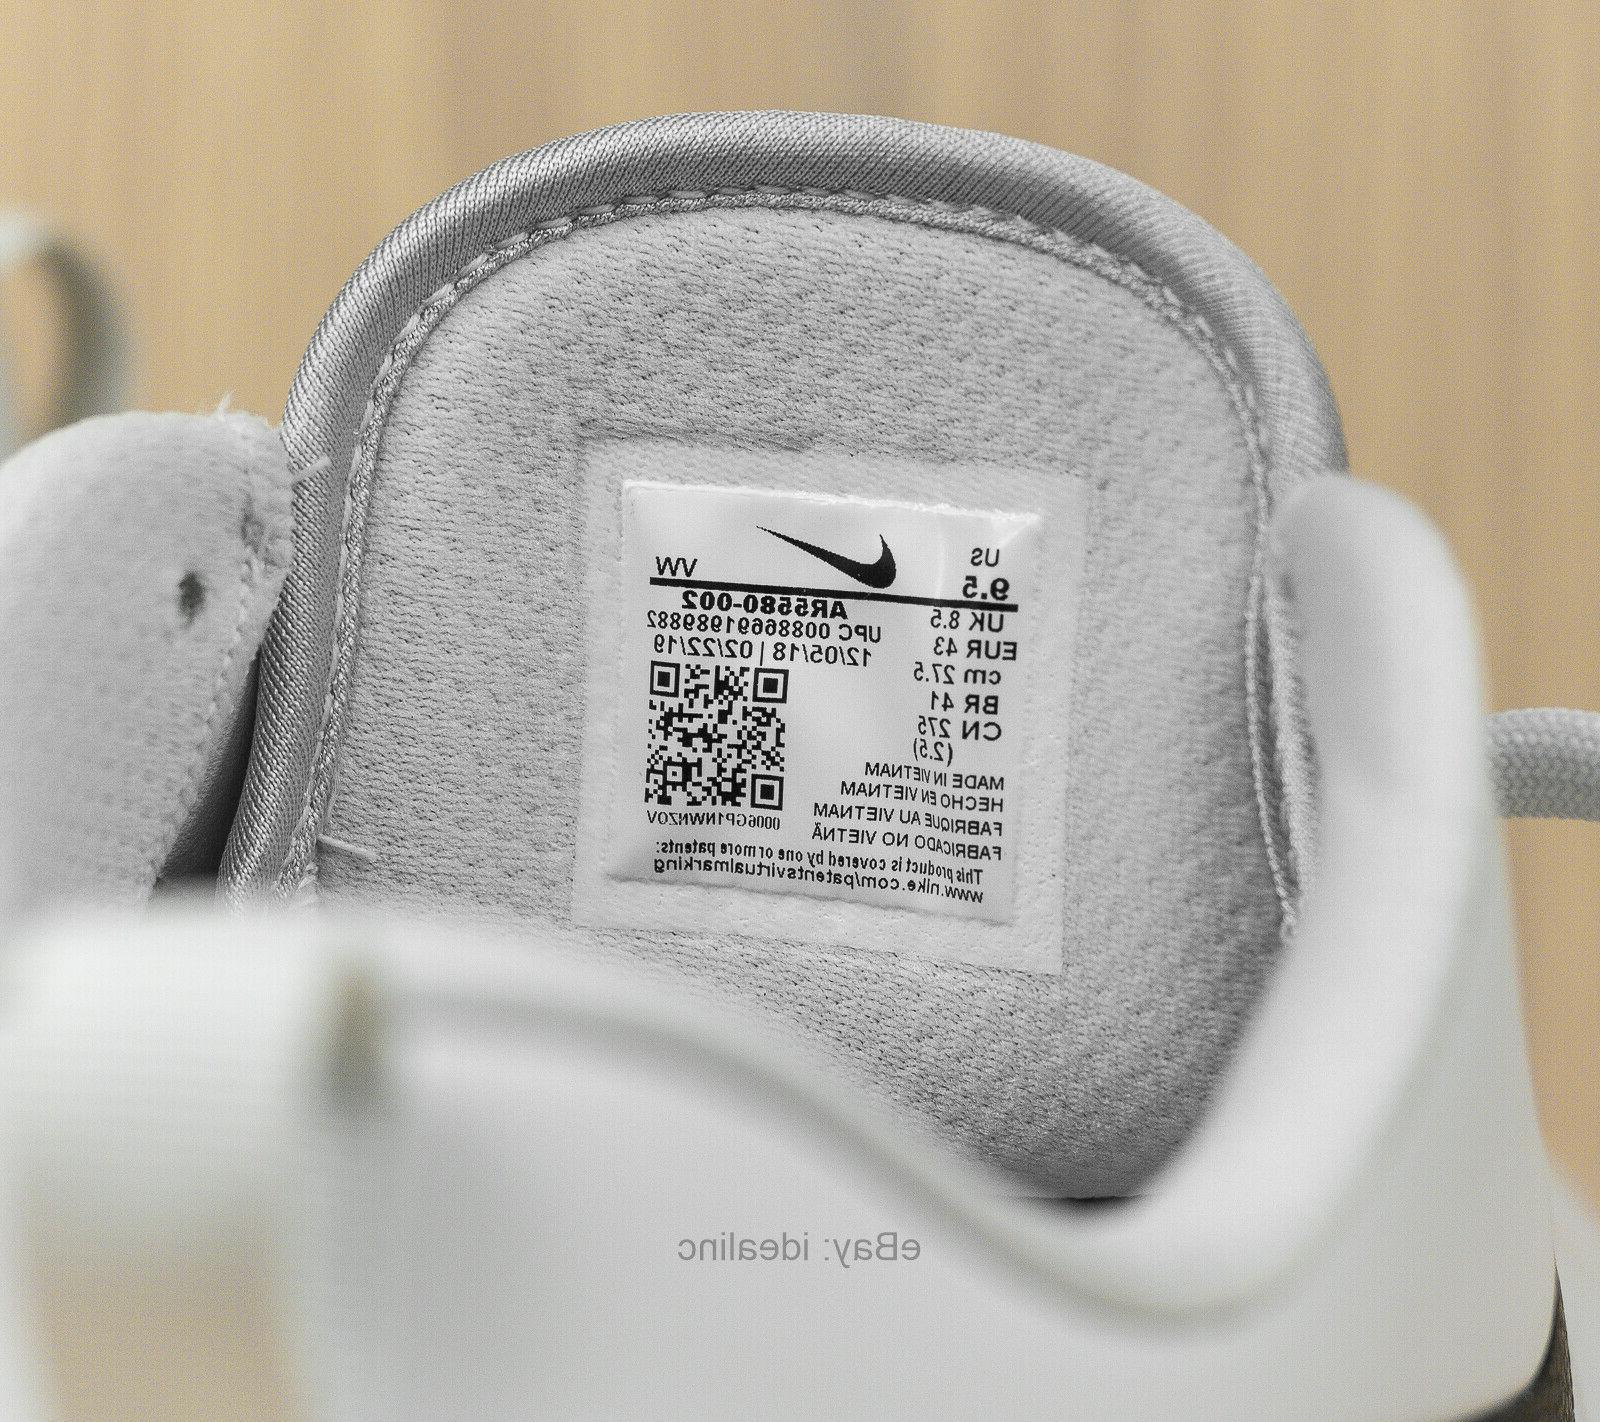 Nike Roshe Golf Shoes Waterproof AR5580-002 9.5